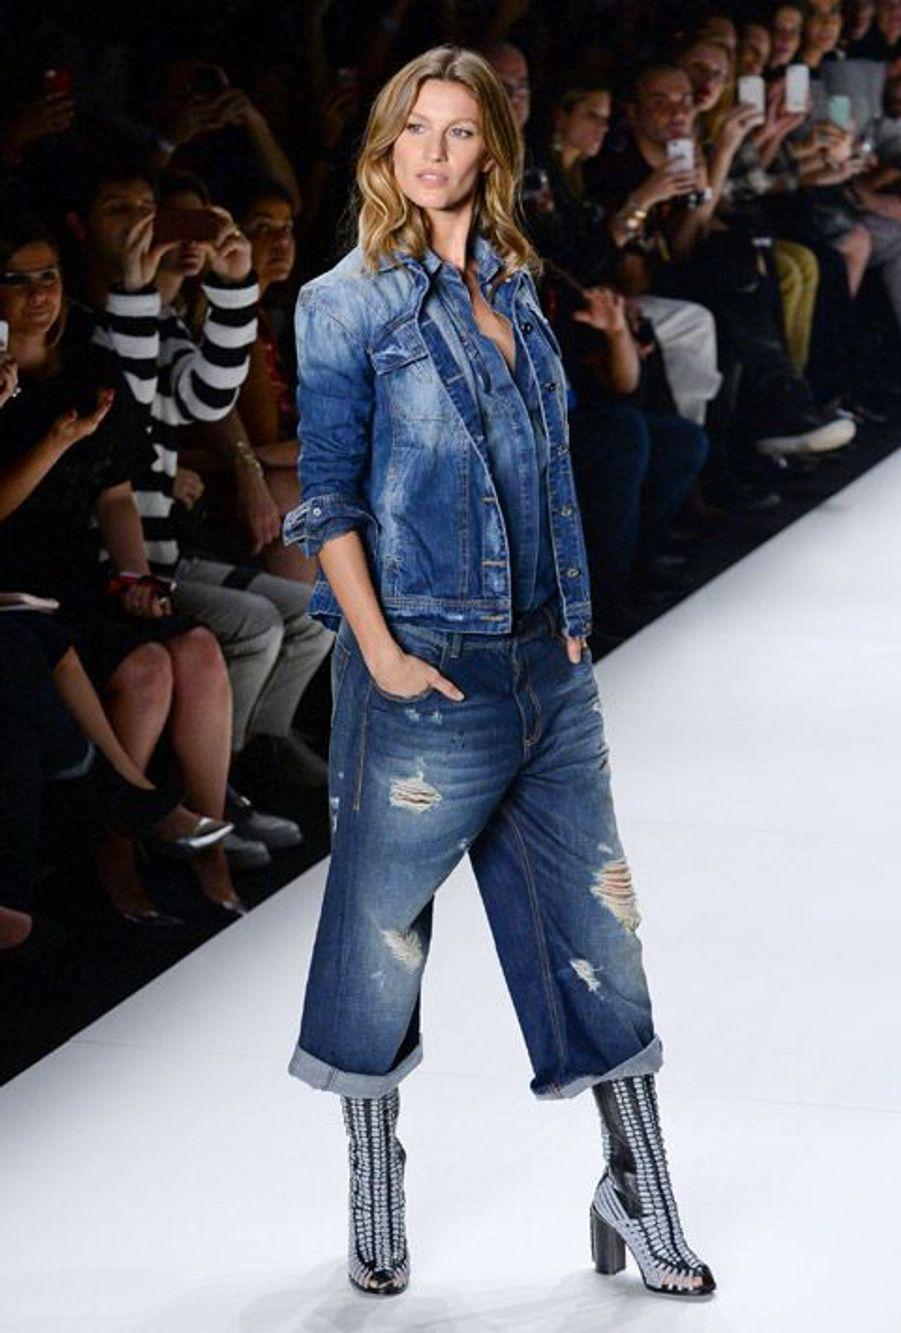 Le mannequin brésilien Gisele Bündchen défile pour une marque de jean à Sao Paulo, le 4 novembre 2014